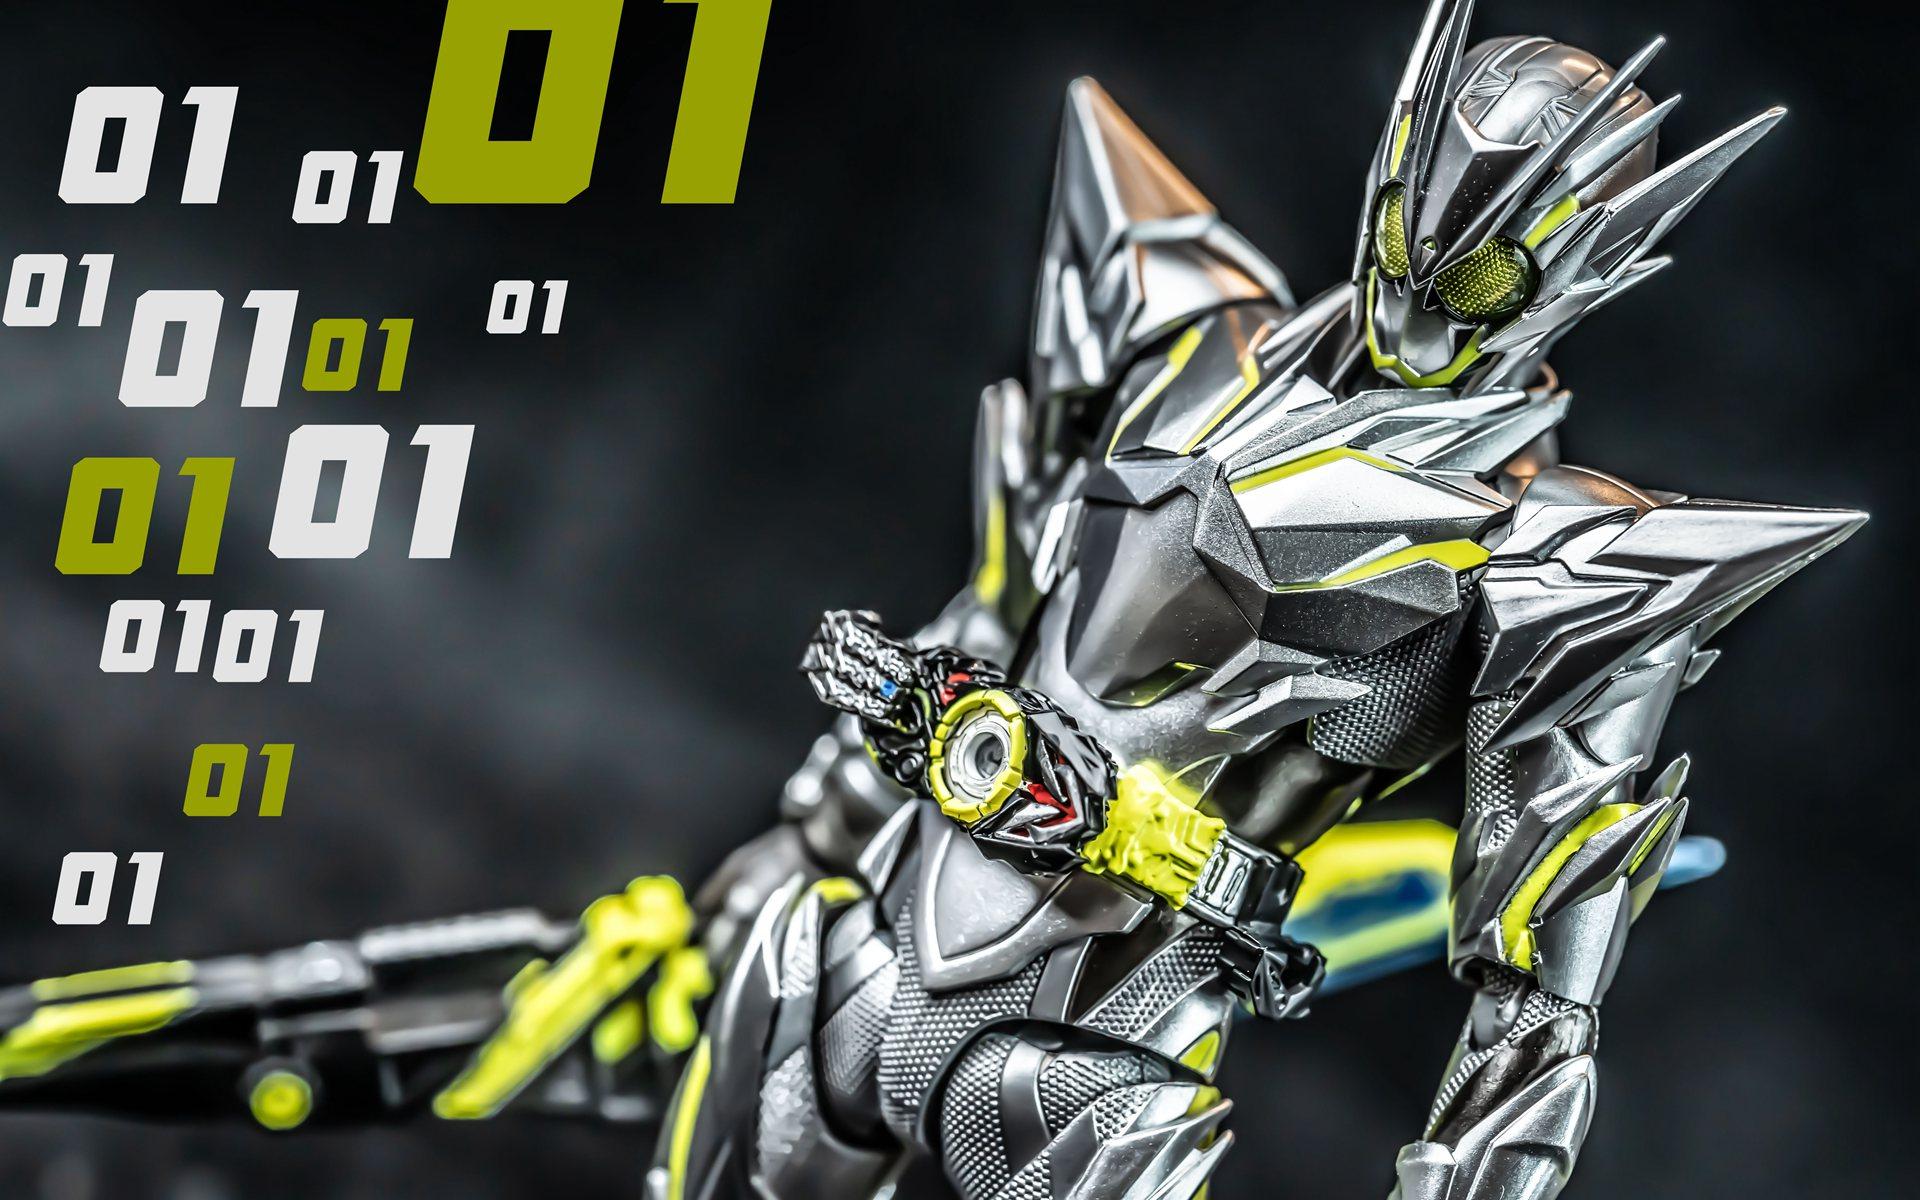 【UNBOX】金属锋芒,锐不可挡!魂限定SHF假面骑士01开箱